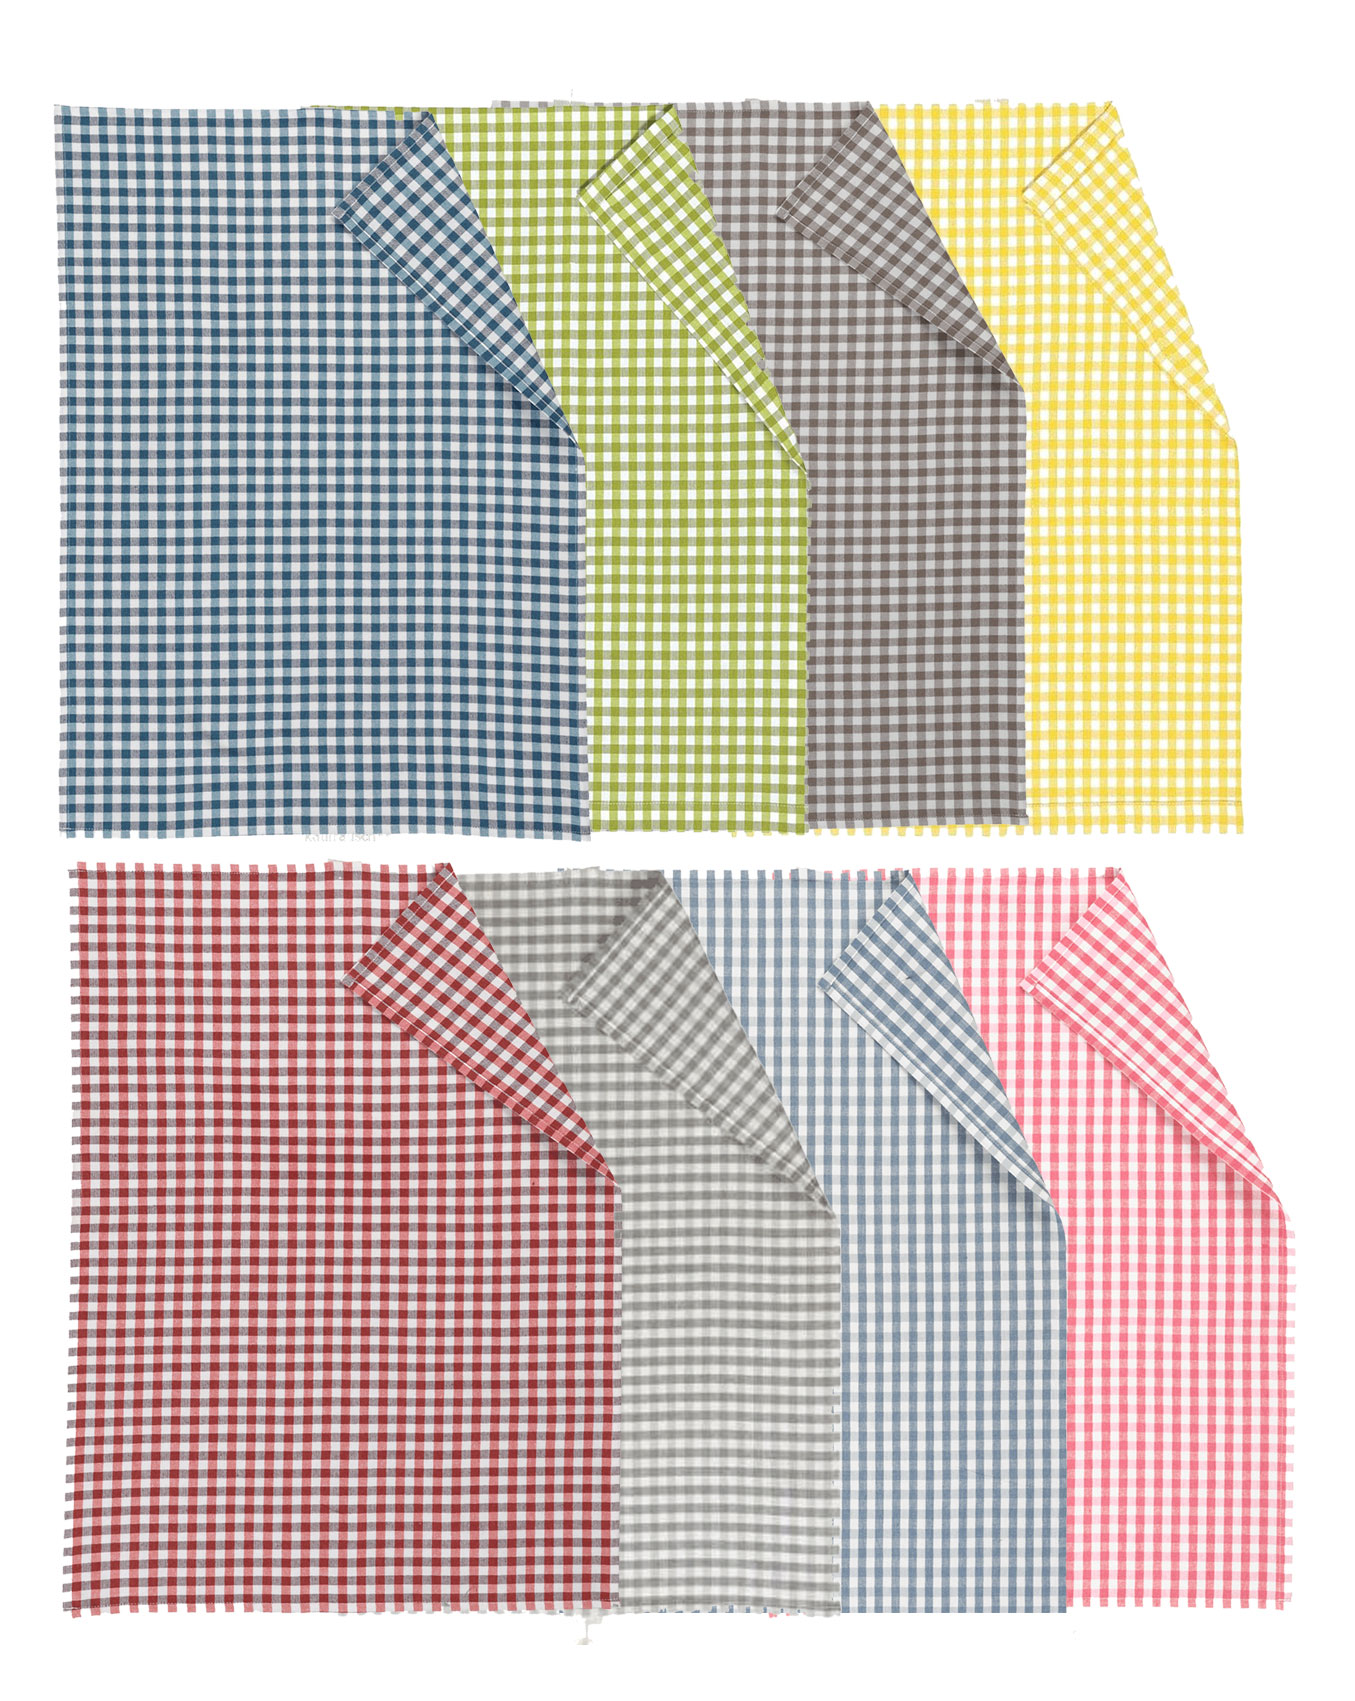 Geschirrtuch kariert - Osby von Linum in 8 verschiedenen Farben